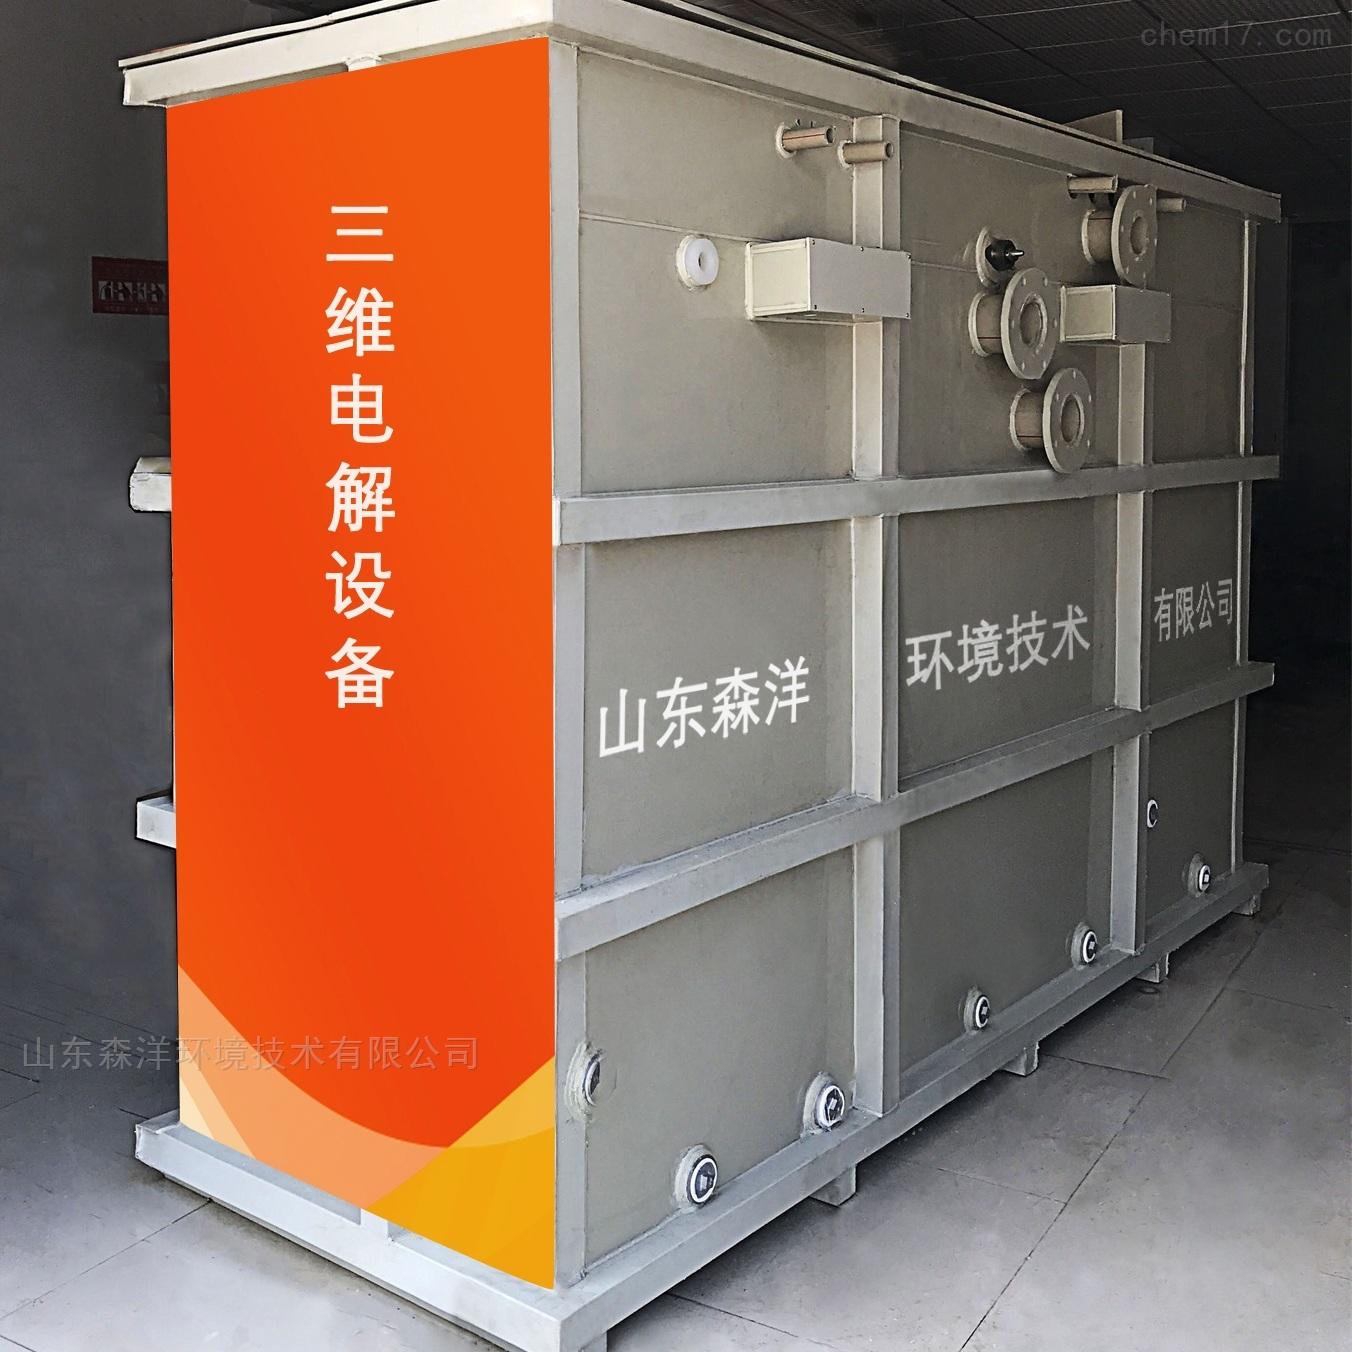 三维电解设备厂家